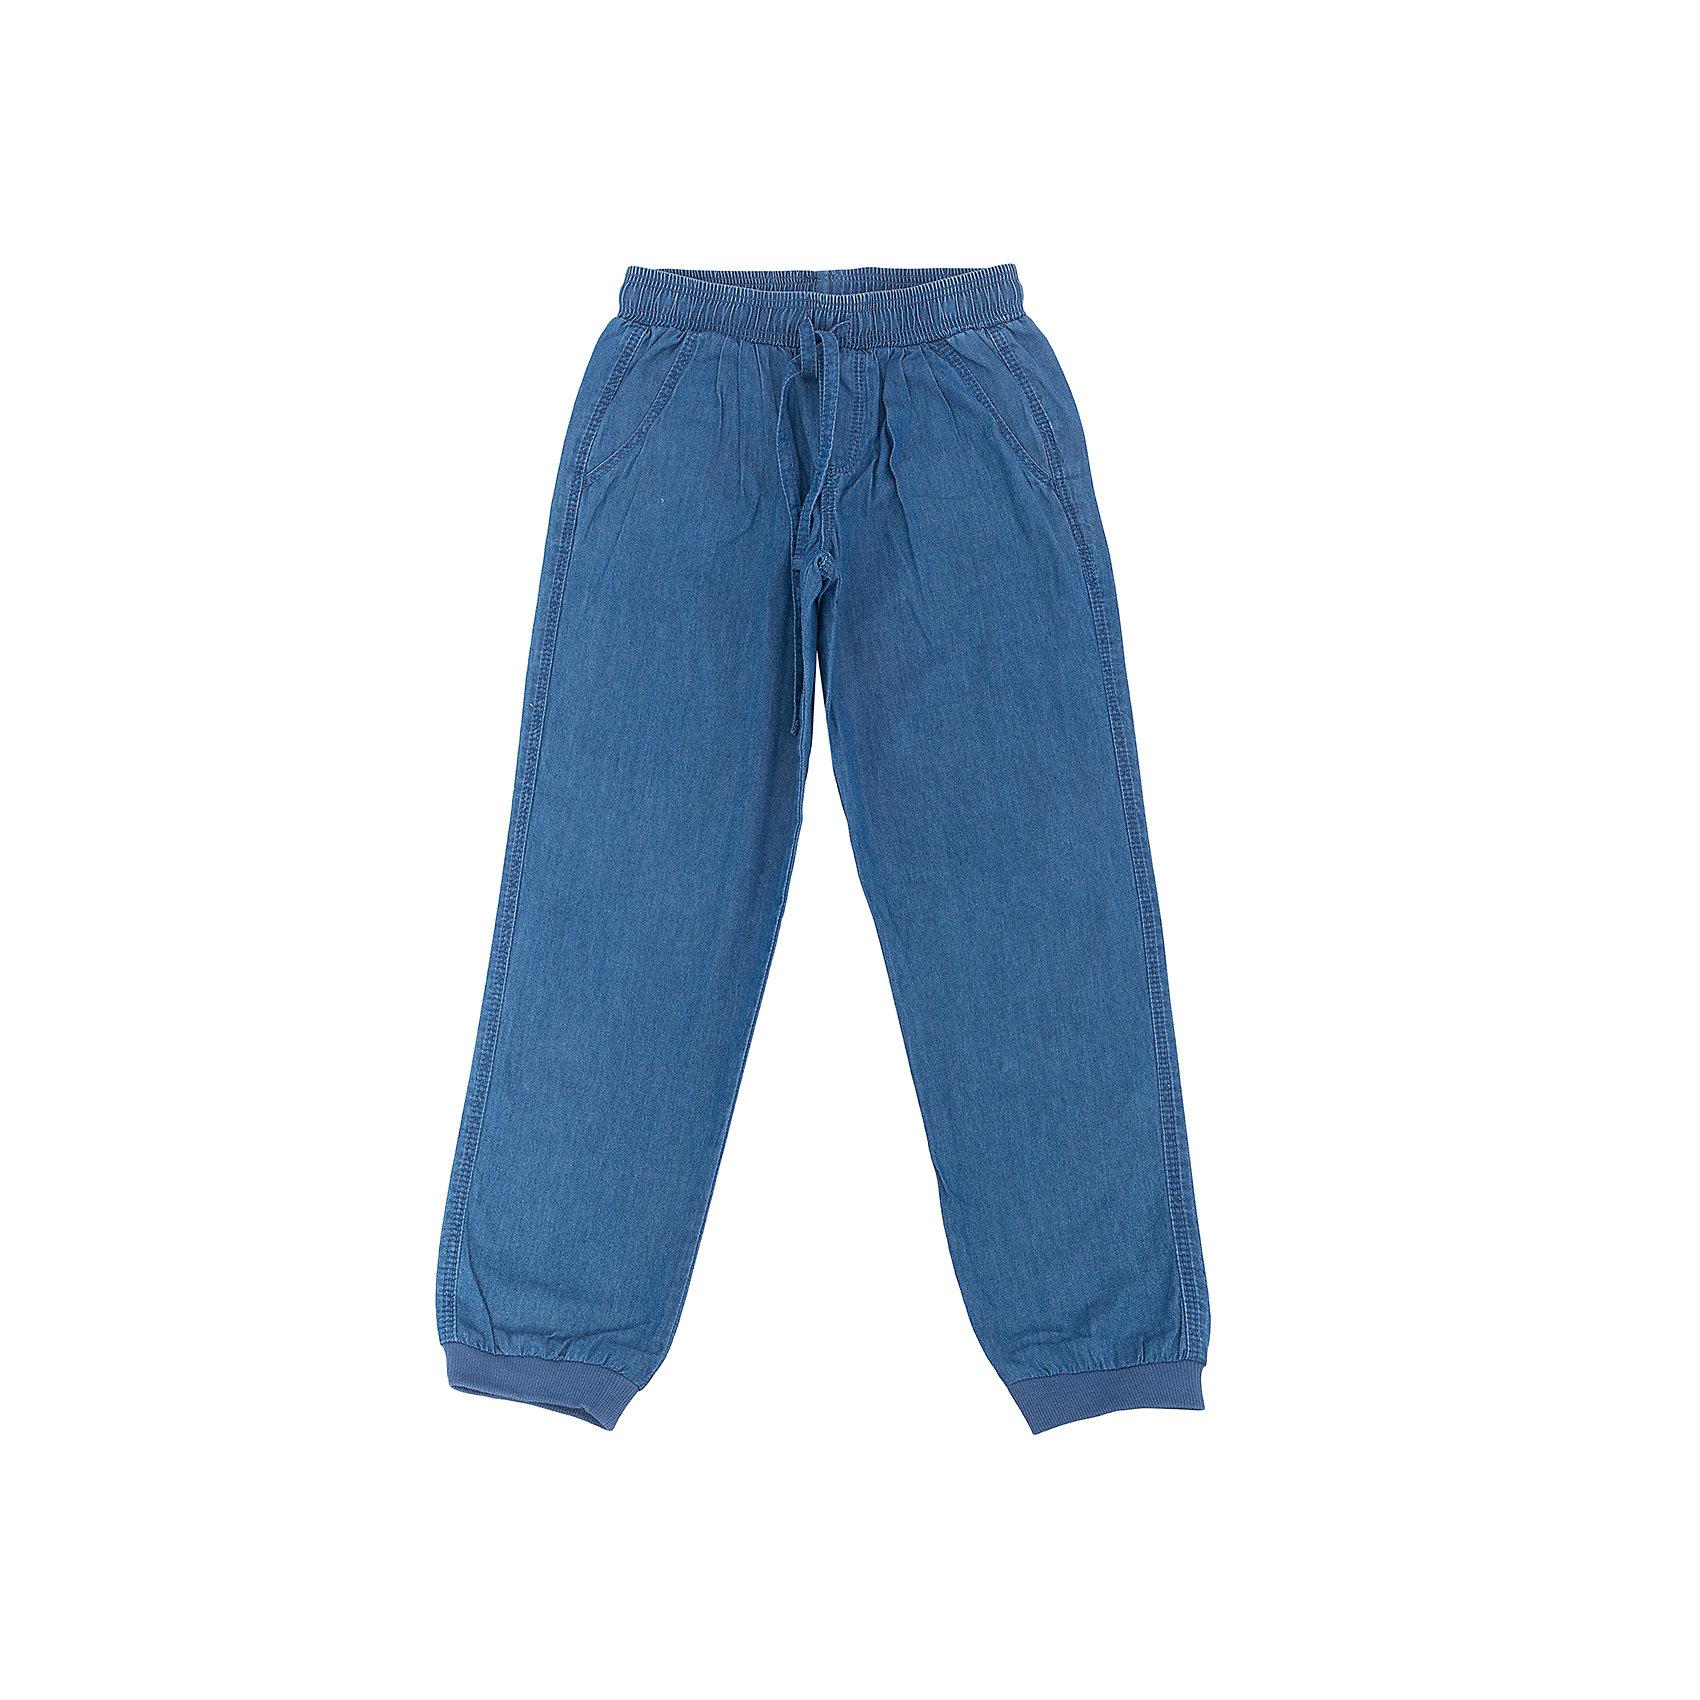 Джинсы для девочки SELAДжинсовая одежда<br>Джинсы для девочки SELA (Села)<br><br>Характеристики:<br><br>• длина: полная<br>• силуэт: зауженный к низу, свободный<br>• состав: 100% хлопок<br>• цвет: синий<br>• коллекция: весна 2017<br><br>Стильные джинсы от популярного бренда Sela отлично подойдут даже для самых активных девочек. Свободный, зауженный к низу силуэт не сковывает движений, а резинки на манжетах не пропустят холодный воздух под одежду. Модель имеет завязки, резинку на поясе и две пары карманов (спереди и сзади). В этих джинсах маленькой моднице будет очень комфортно!<br><br>Джинсы для девочки SELA (Села) вы можете купить в нашем интернет-магазине.<br><br>Ширина мм: 215<br>Глубина мм: 88<br>Высота мм: 191<br>Вес г: 336<br>Цвет: синий джинс<br>Возраст от месяцев: 60<br>Возраст до месяцев: 72<br>Пол: Женский<br>Возраст: Детский<br>Размер: 116,98,104,110<br>SKU: 5305955